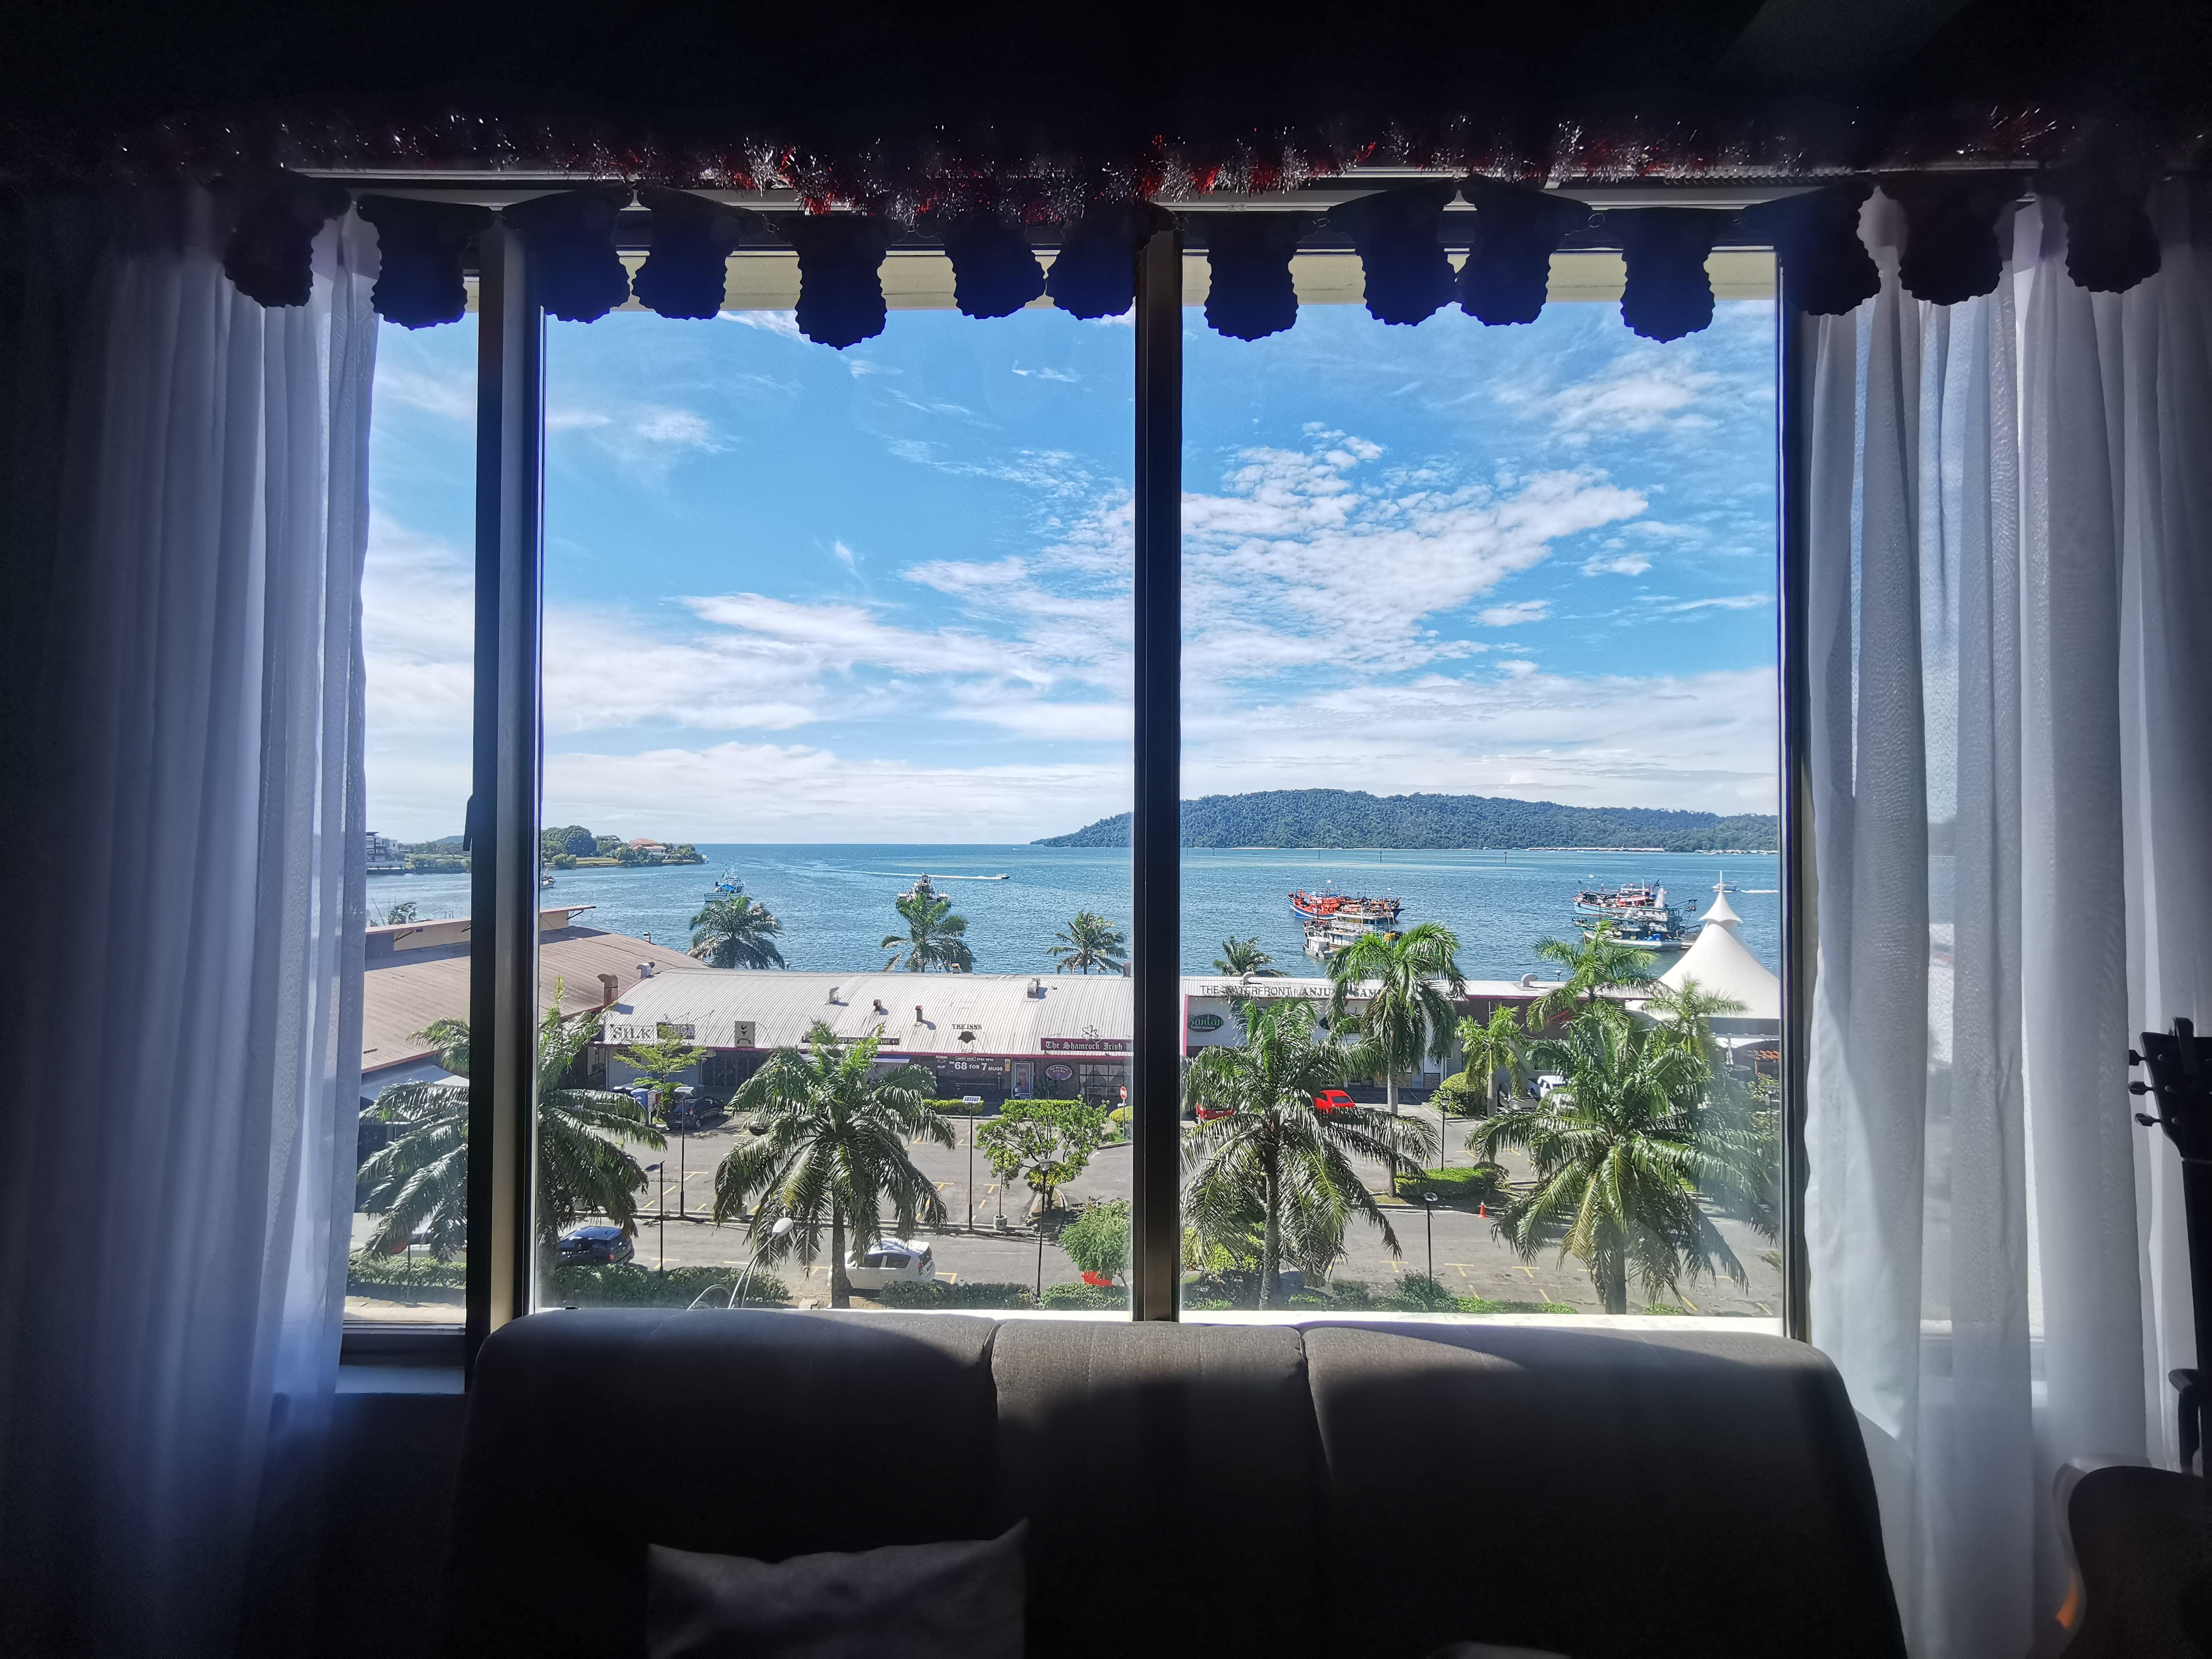 HOSTEL - Homy Seafront Hostel